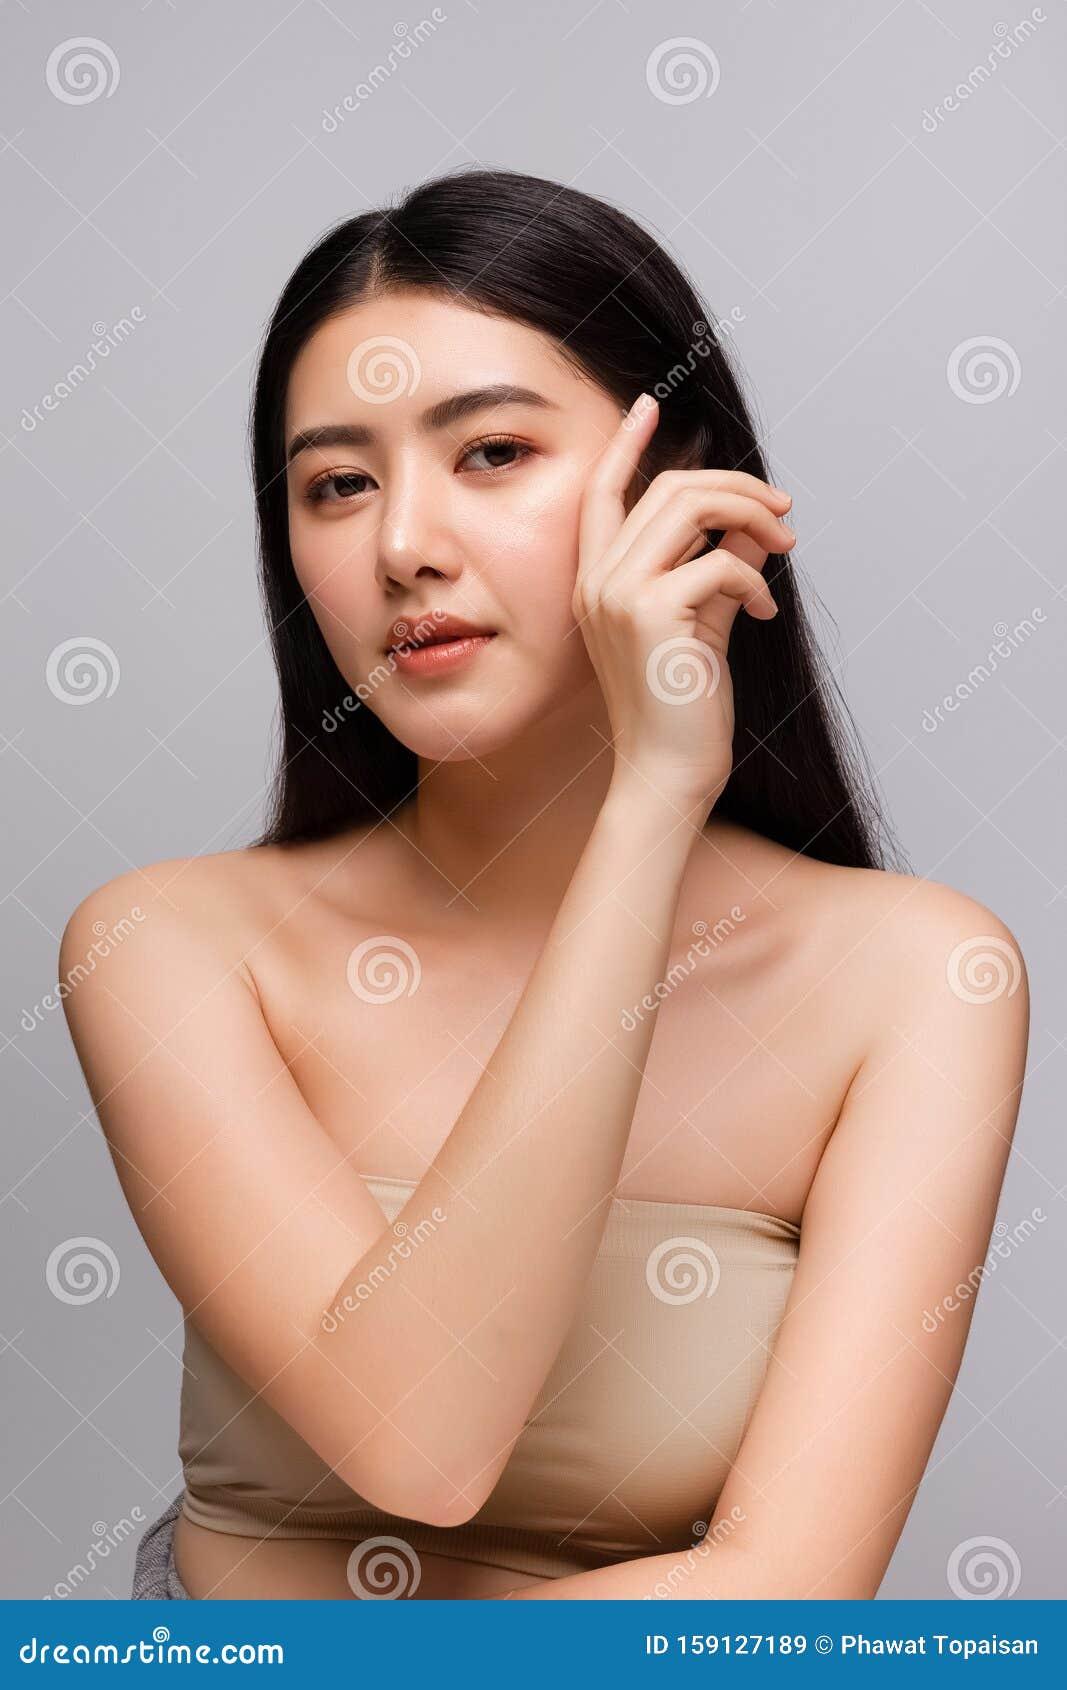 Lingerie dickforlily secretary asian